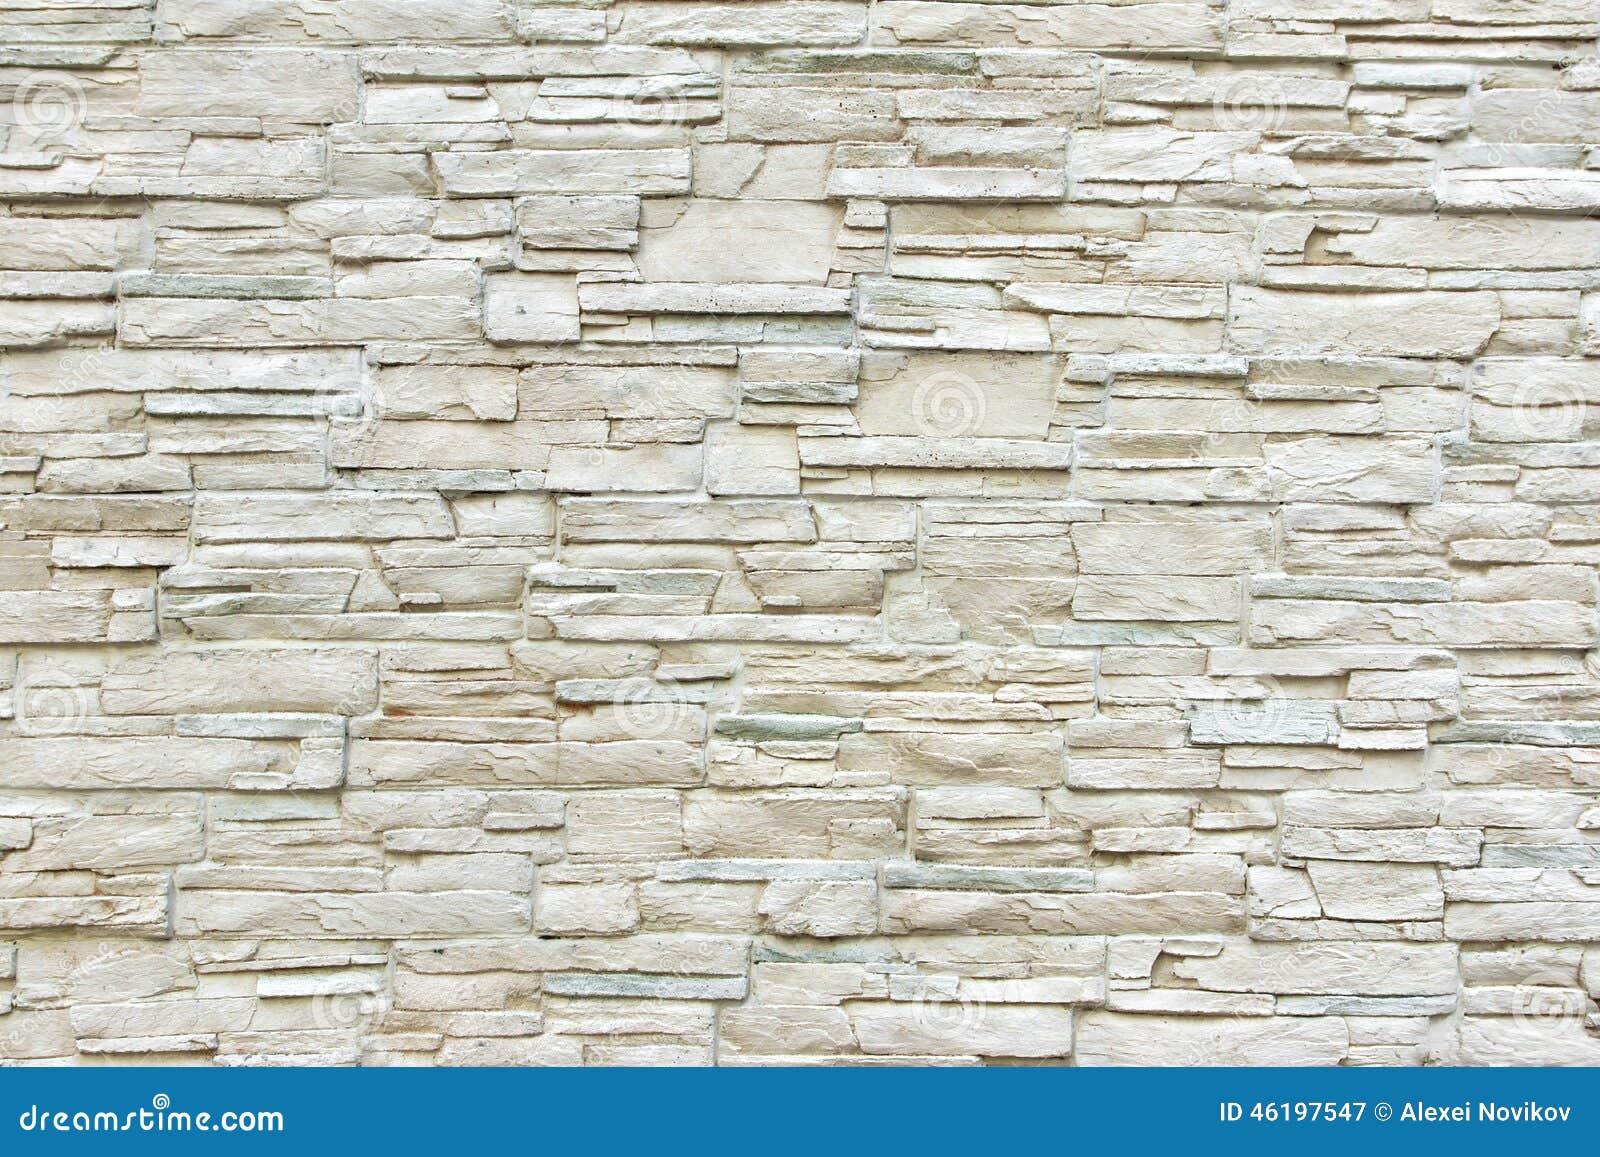 Pared de piedra artificial blanca imagen de archivo for Piedra barata para paredes